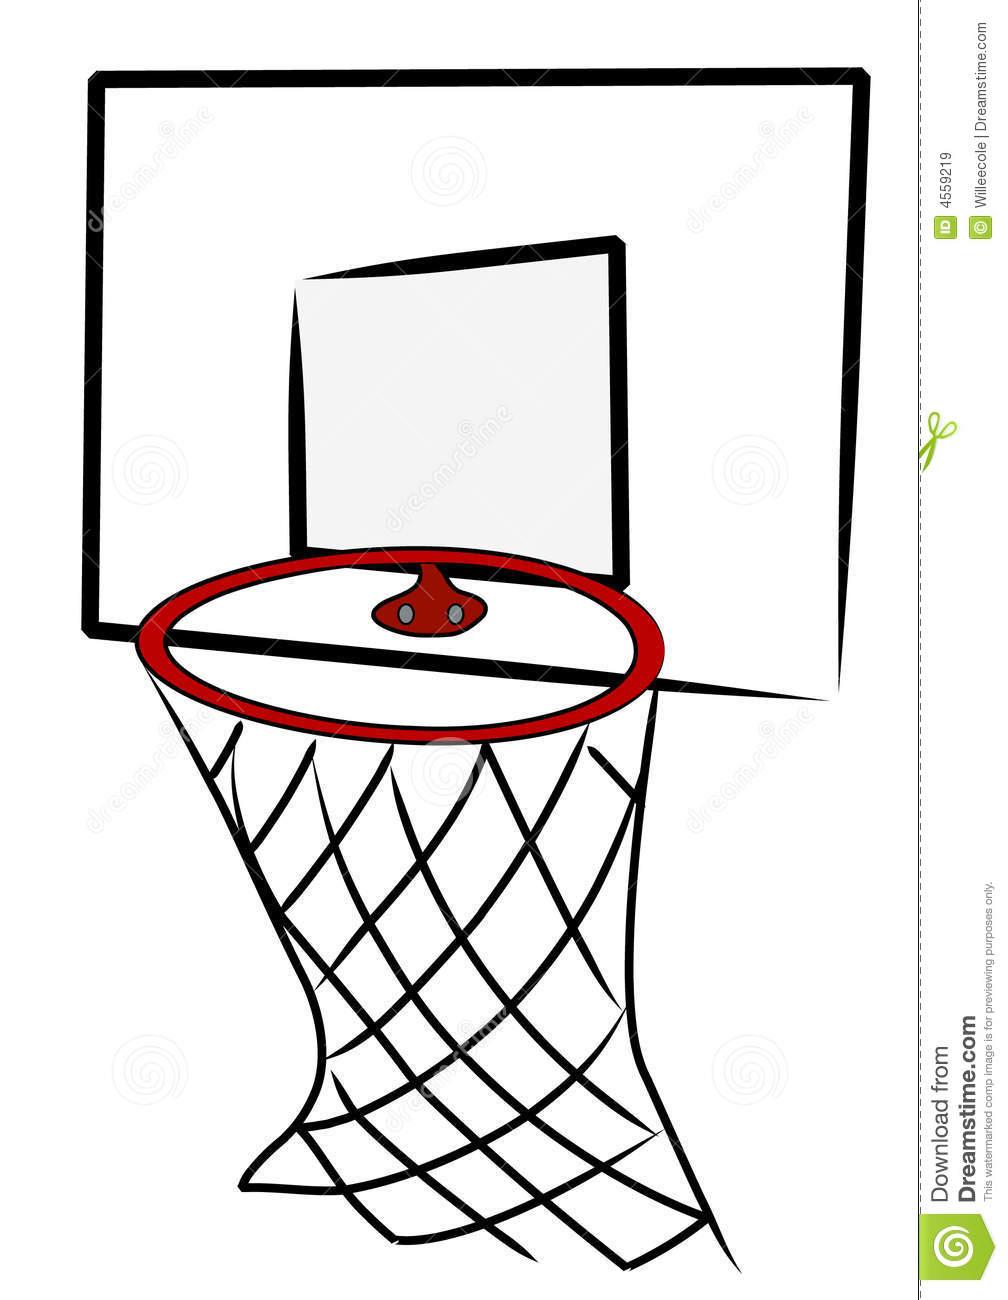 http://www.newdesignfile.com/postpic/2009/06/basketball-net-vector_255151.jpg Basketball